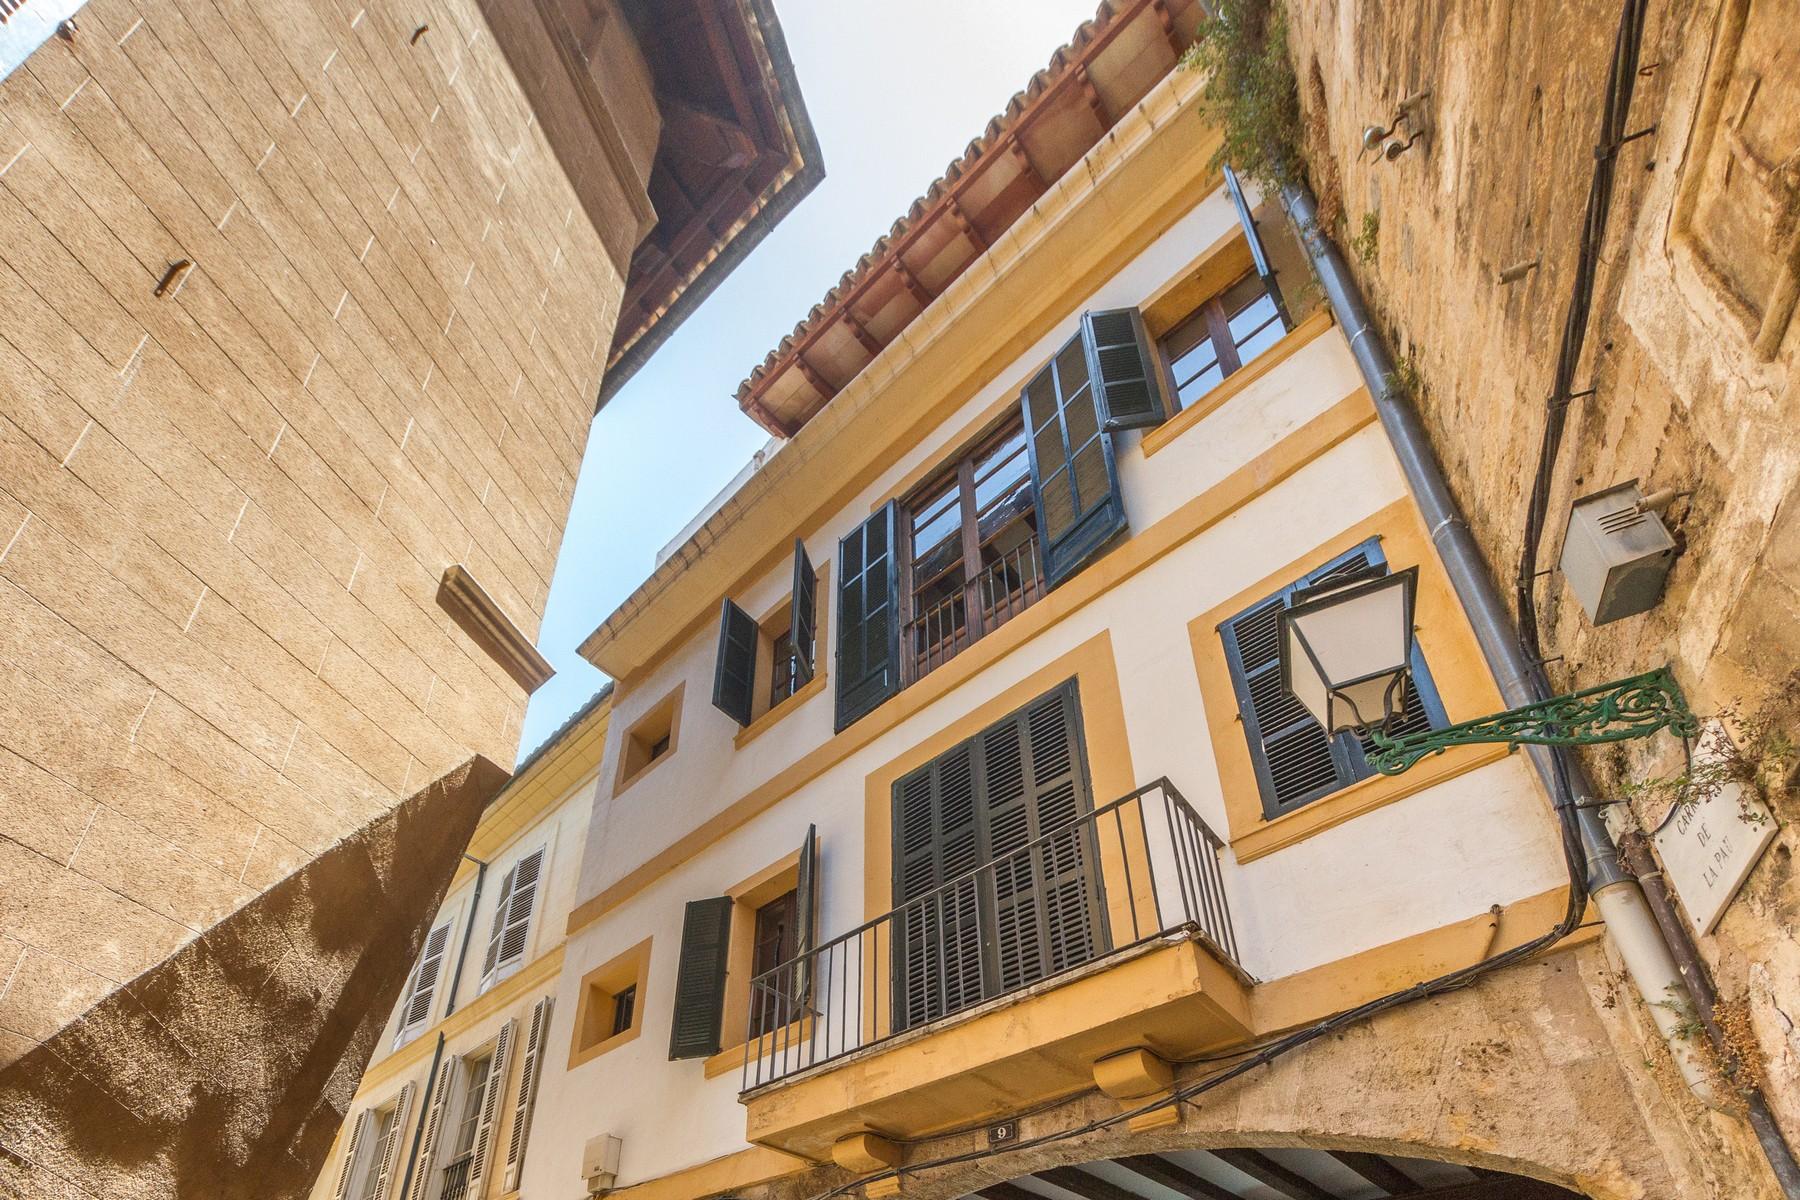 Maison unifamiliale pour l Vente à Palace in Old Town Palma, Majorque 07012 Espagne